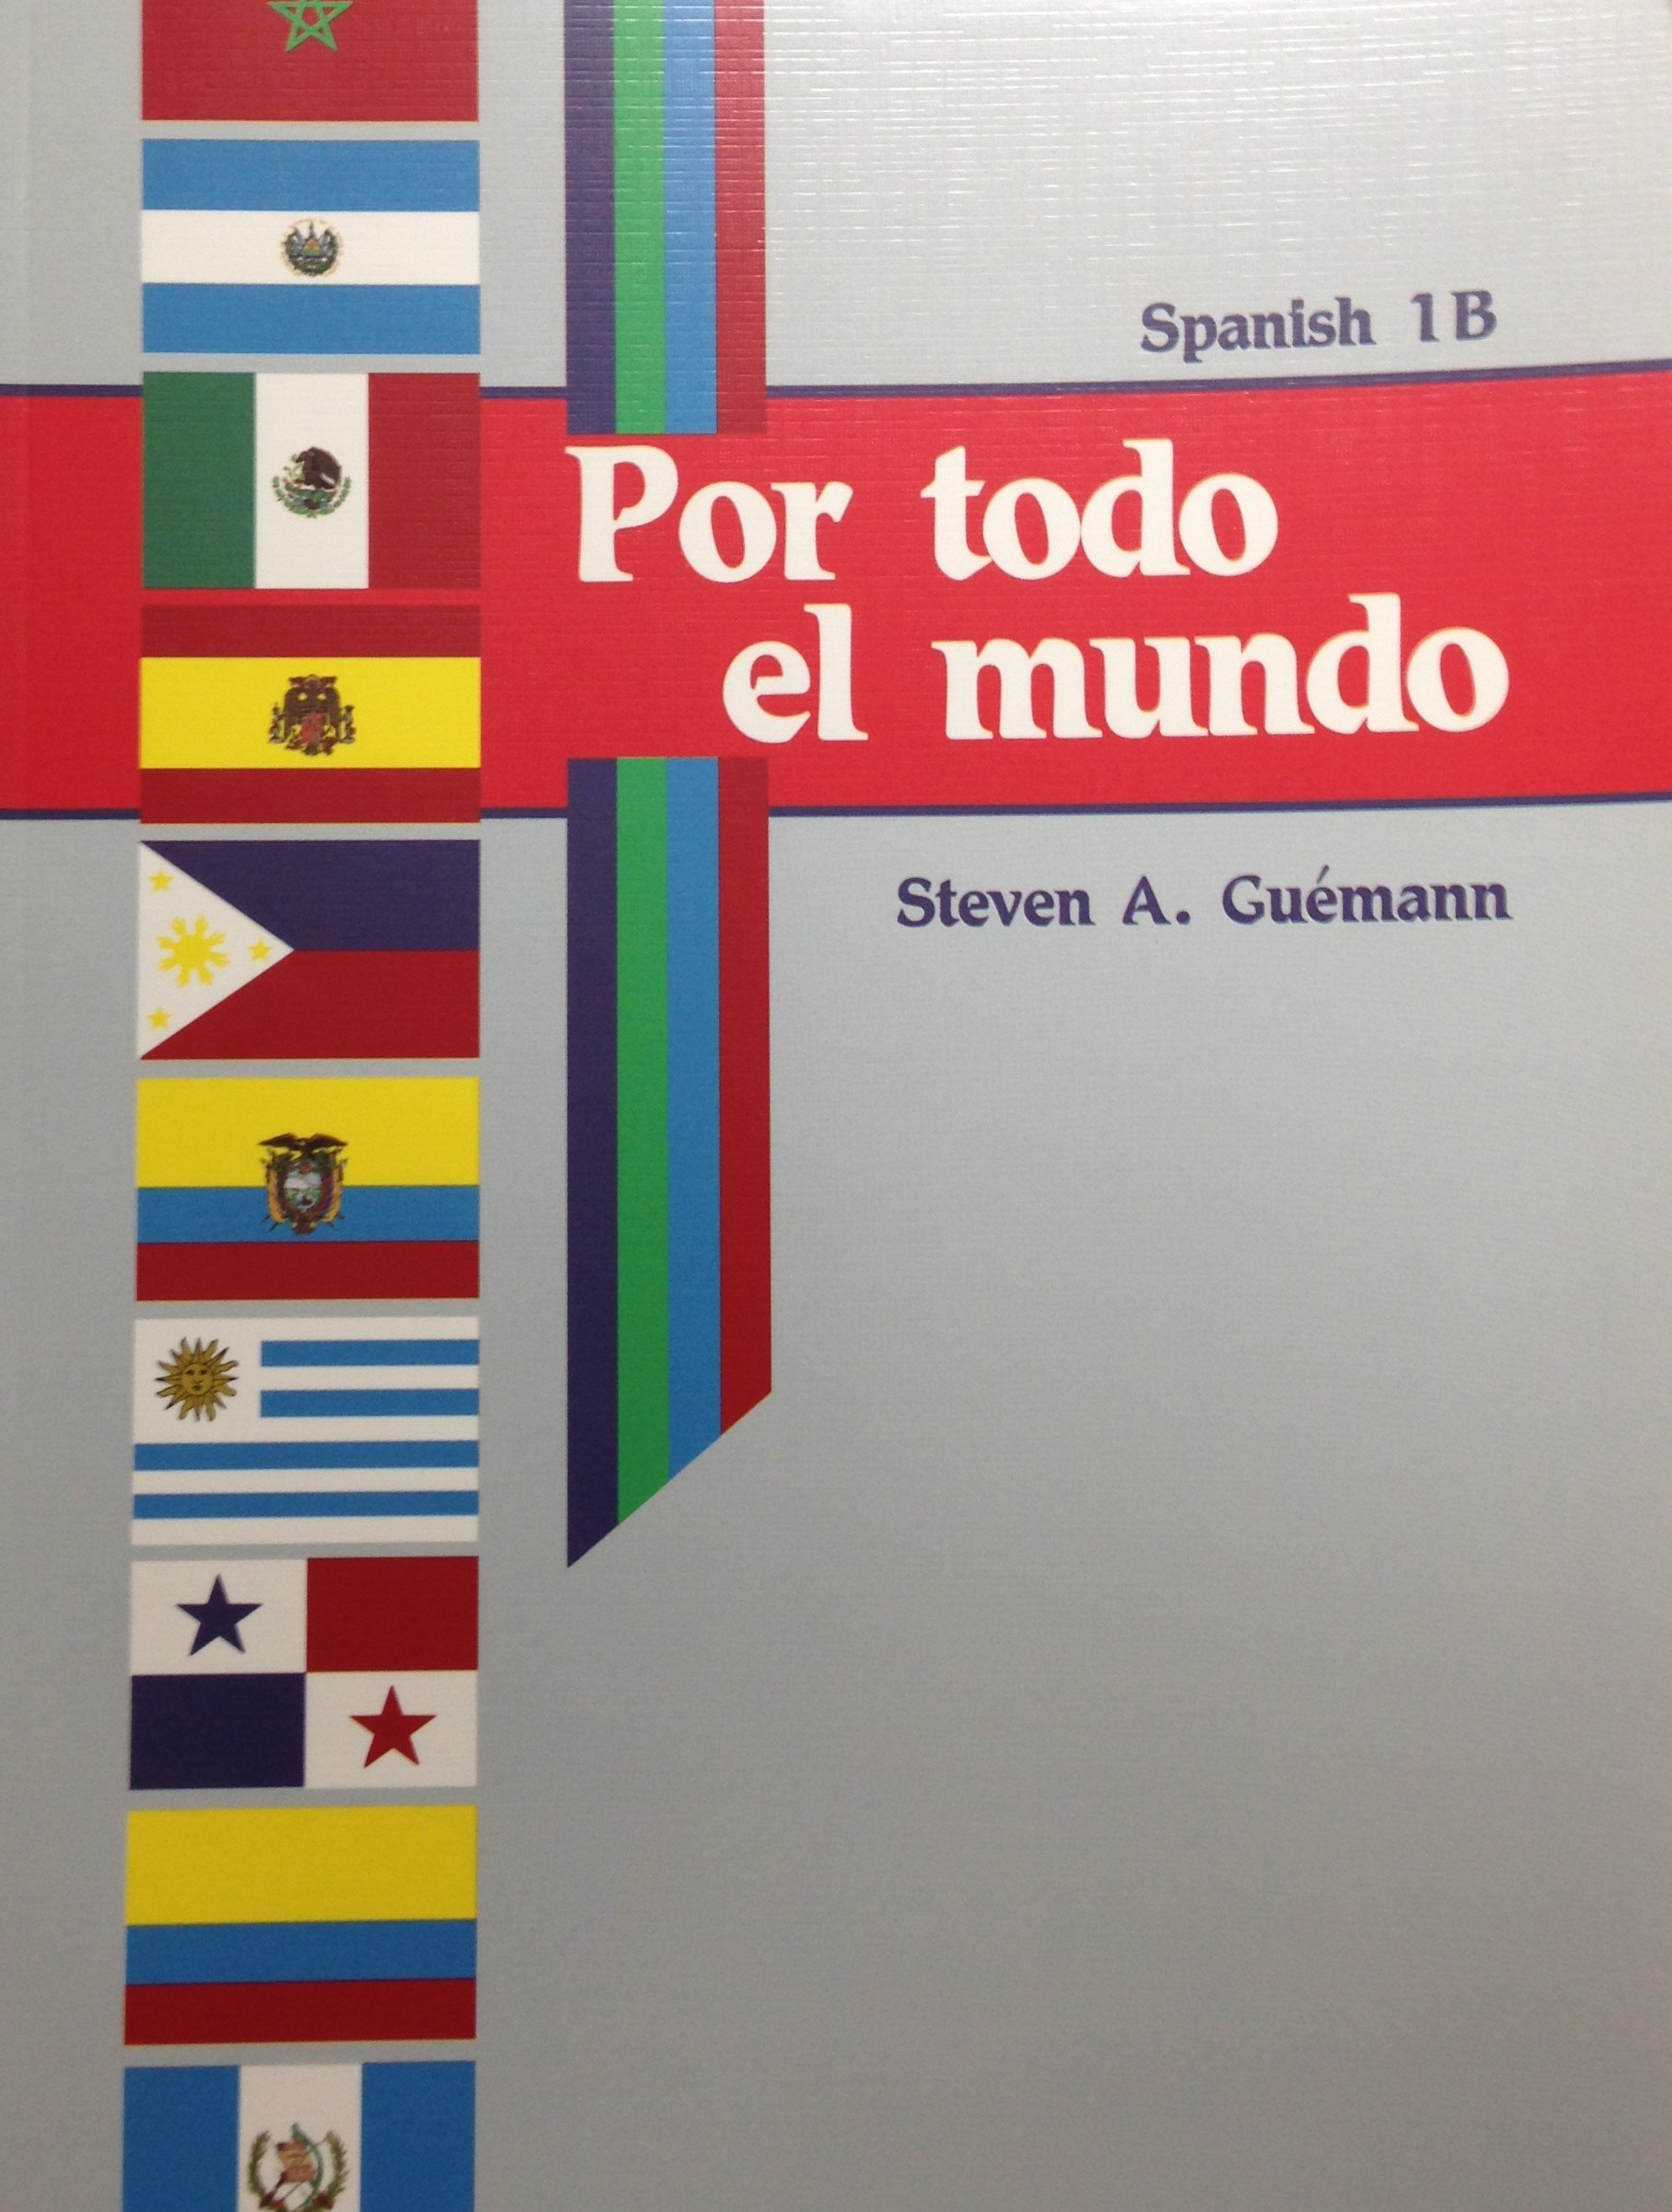 Book 1B